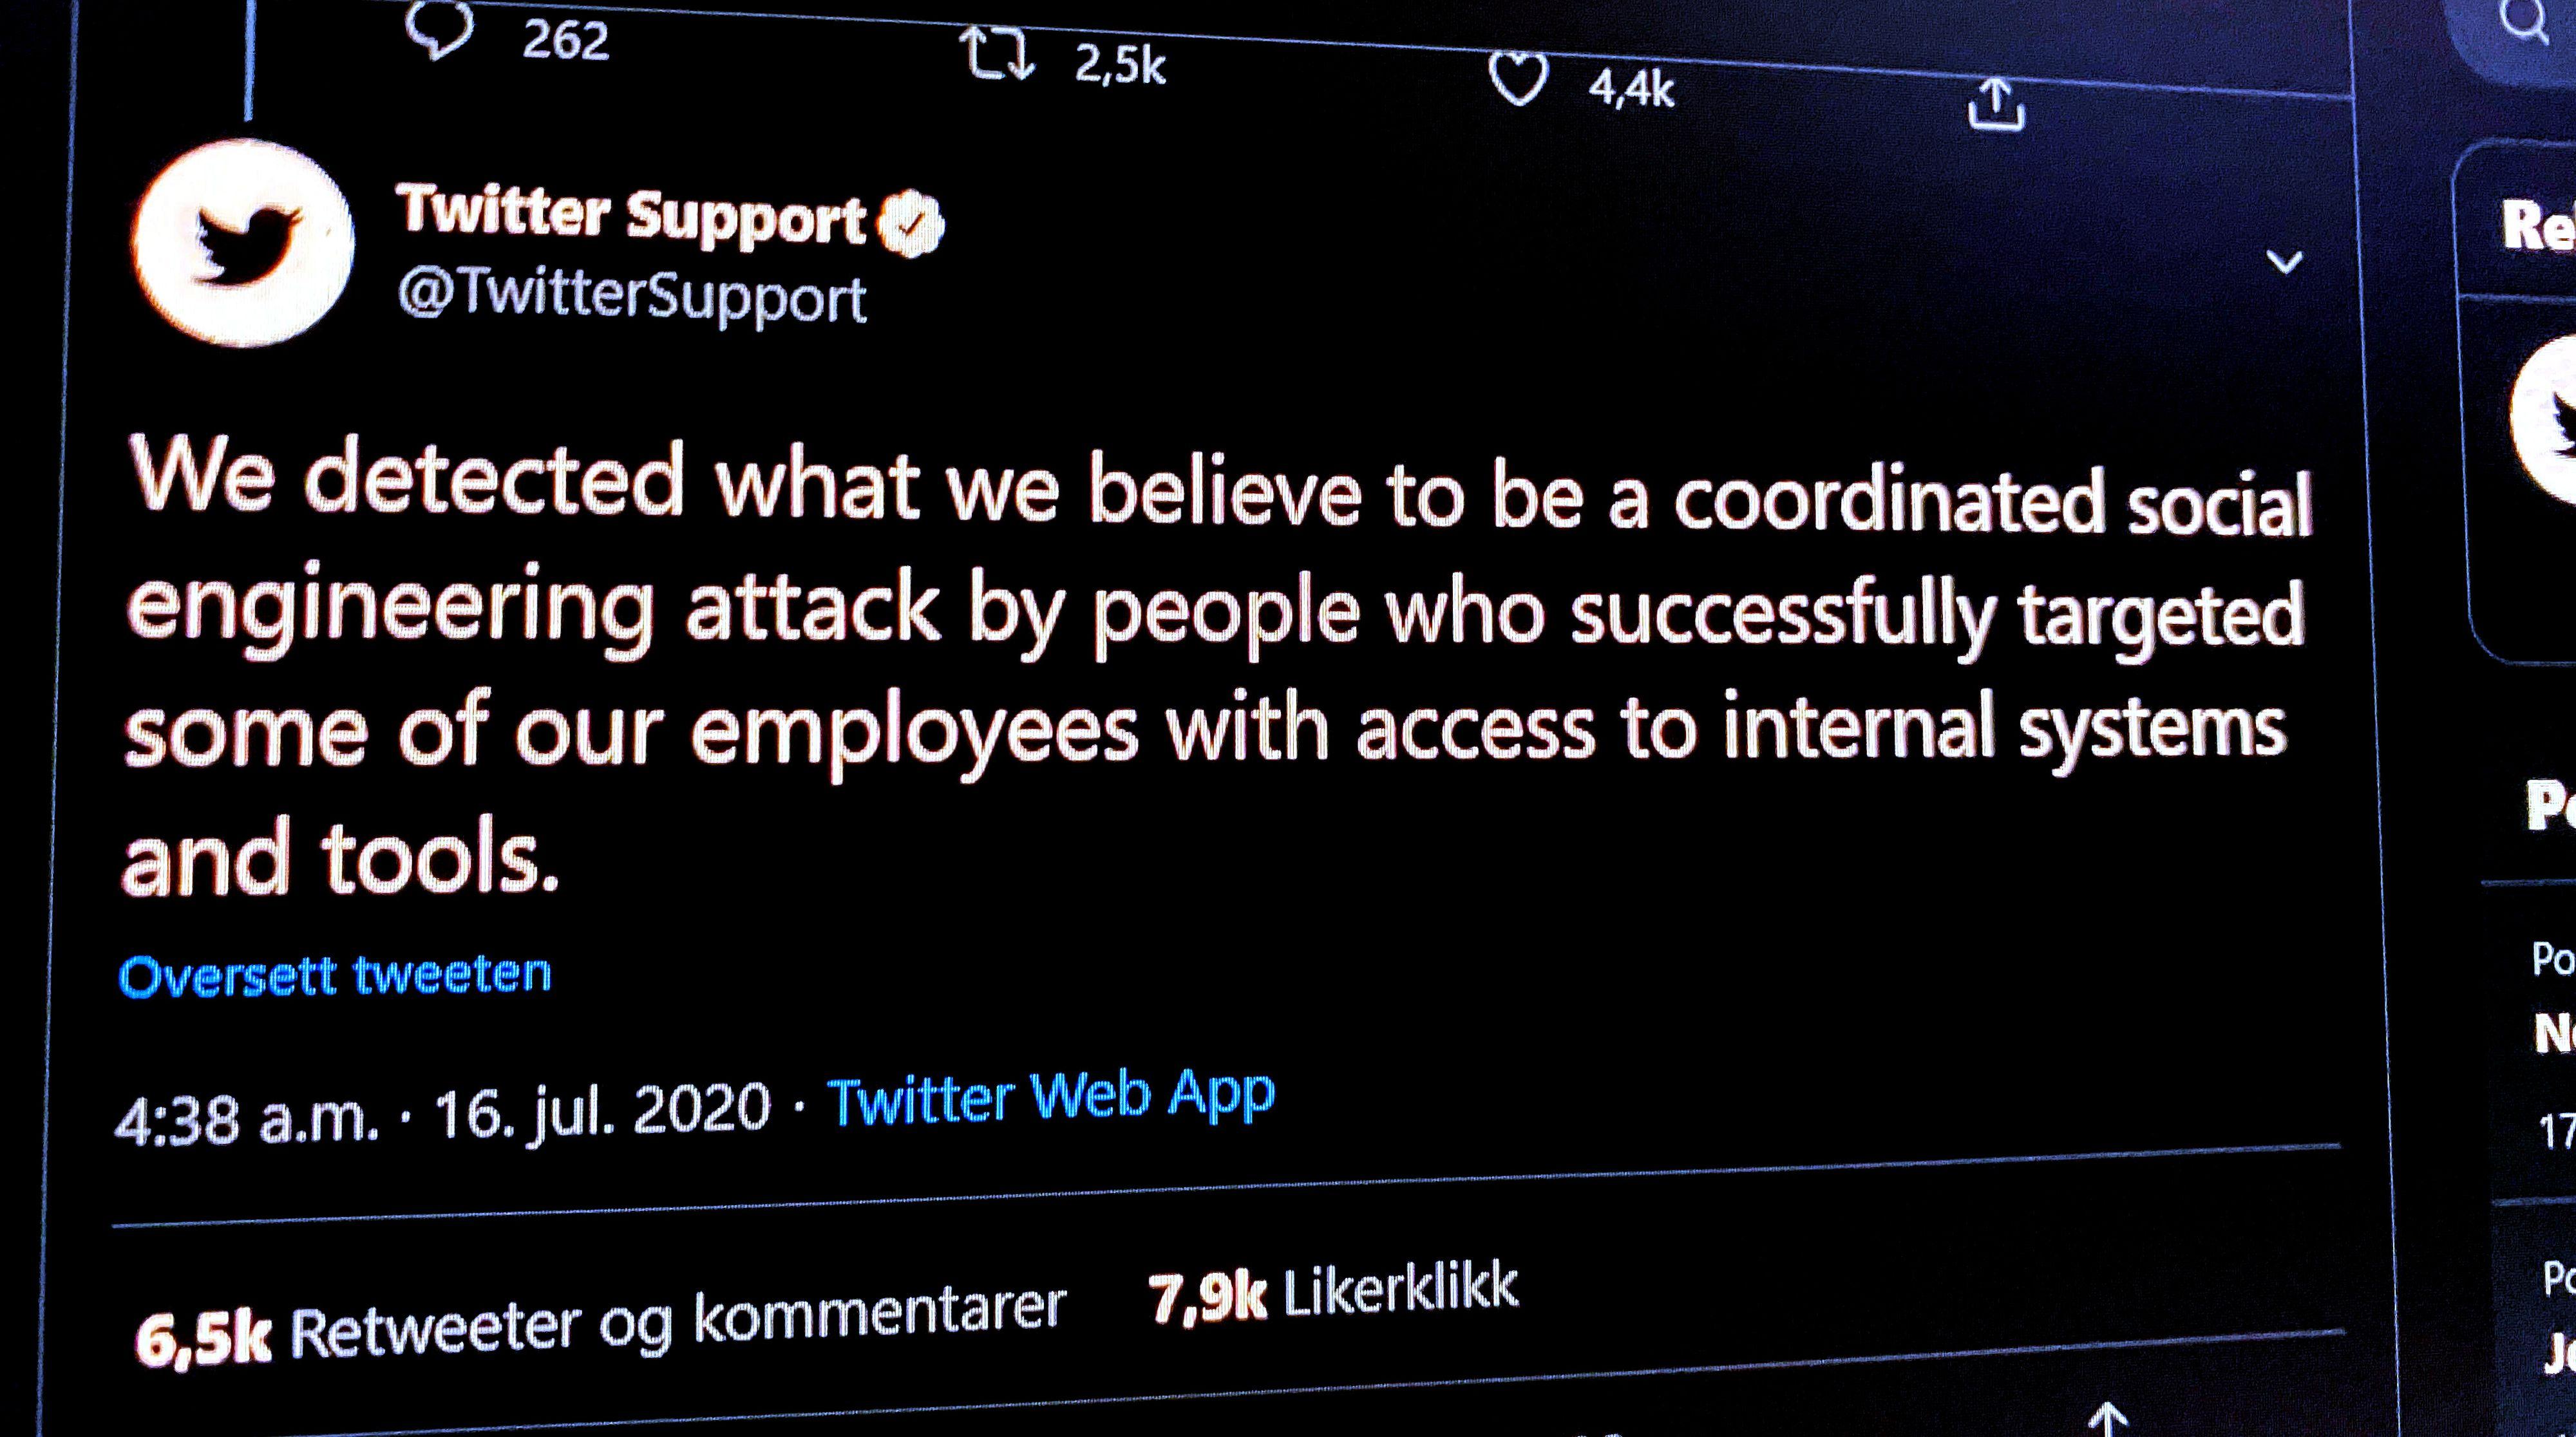 Twitter melder fra sin offisielle supportkonto at de fleste nå skal kunne bruke tjenesten igjen, mens de fortsetter med å finne ut hva som gikk galt da Bill Gates, Elon Musk og Joe Biden, for å nevne noen, tilsynelatende reklamerte for en Bitcoin-svindel.